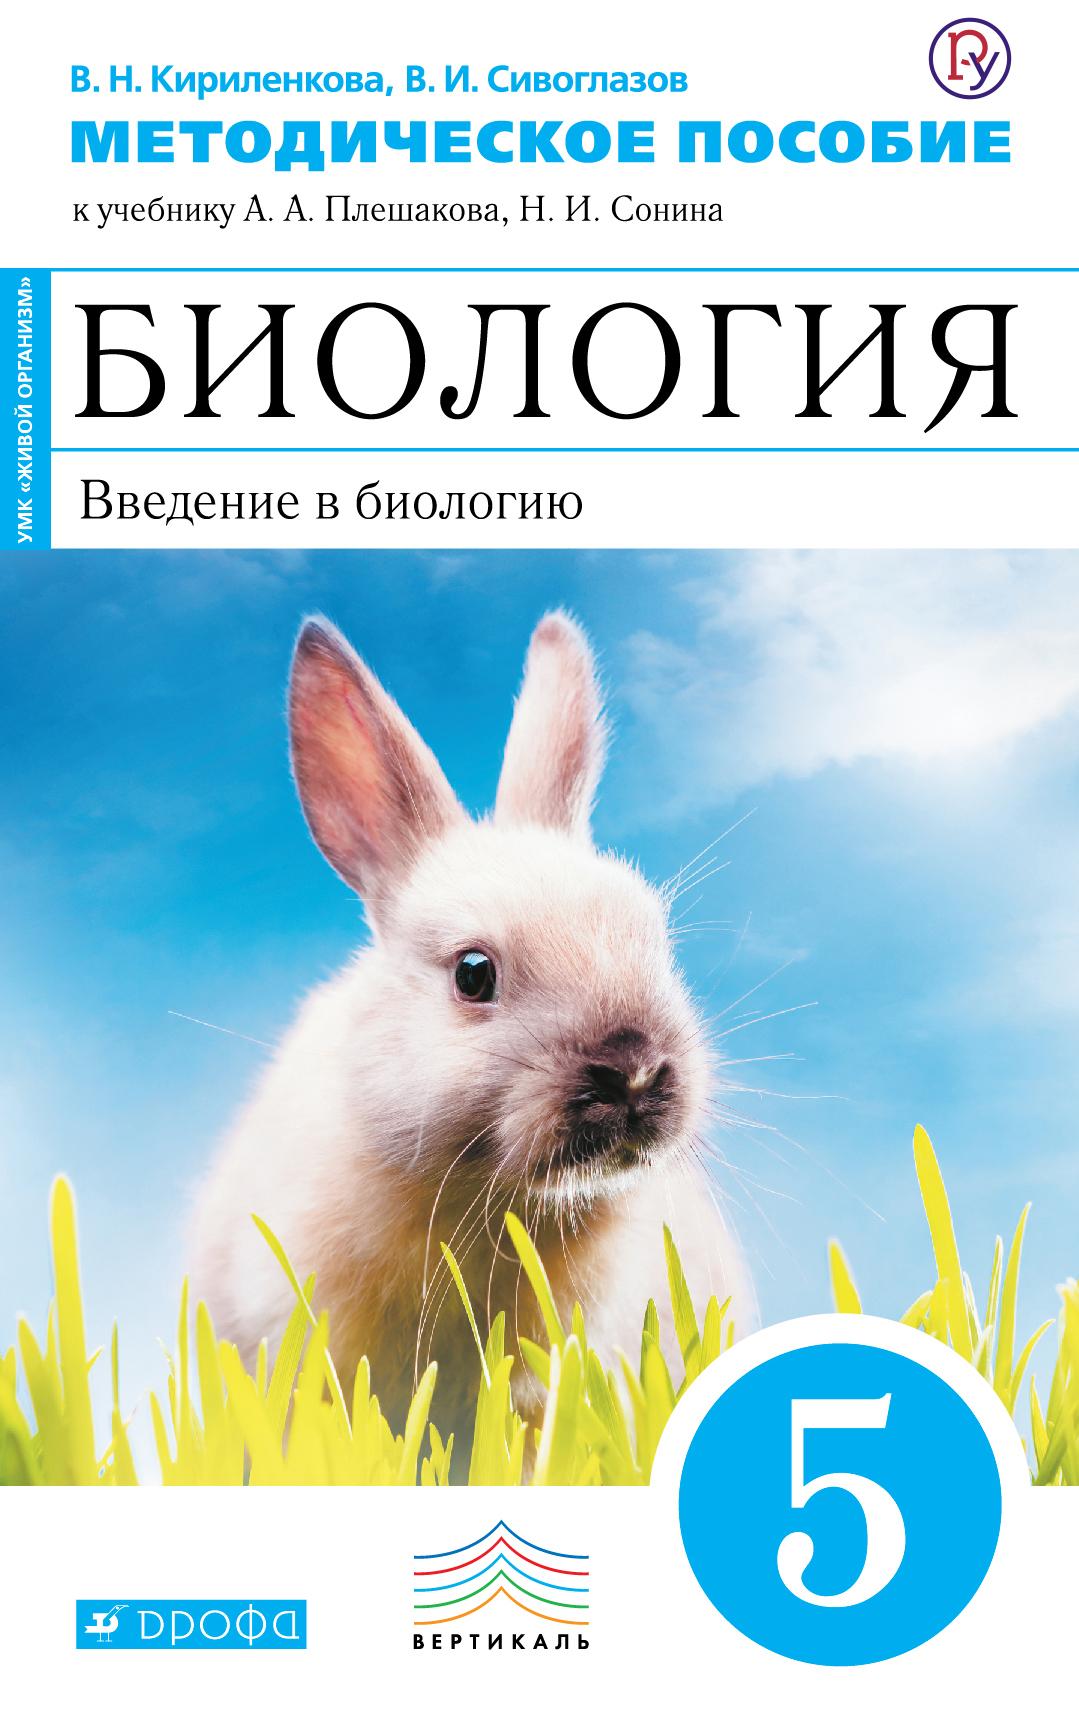 Биология. Введение в биологию. 5 класс. Метод.пособие. (Синий). ВЕРТИКАЛЬ